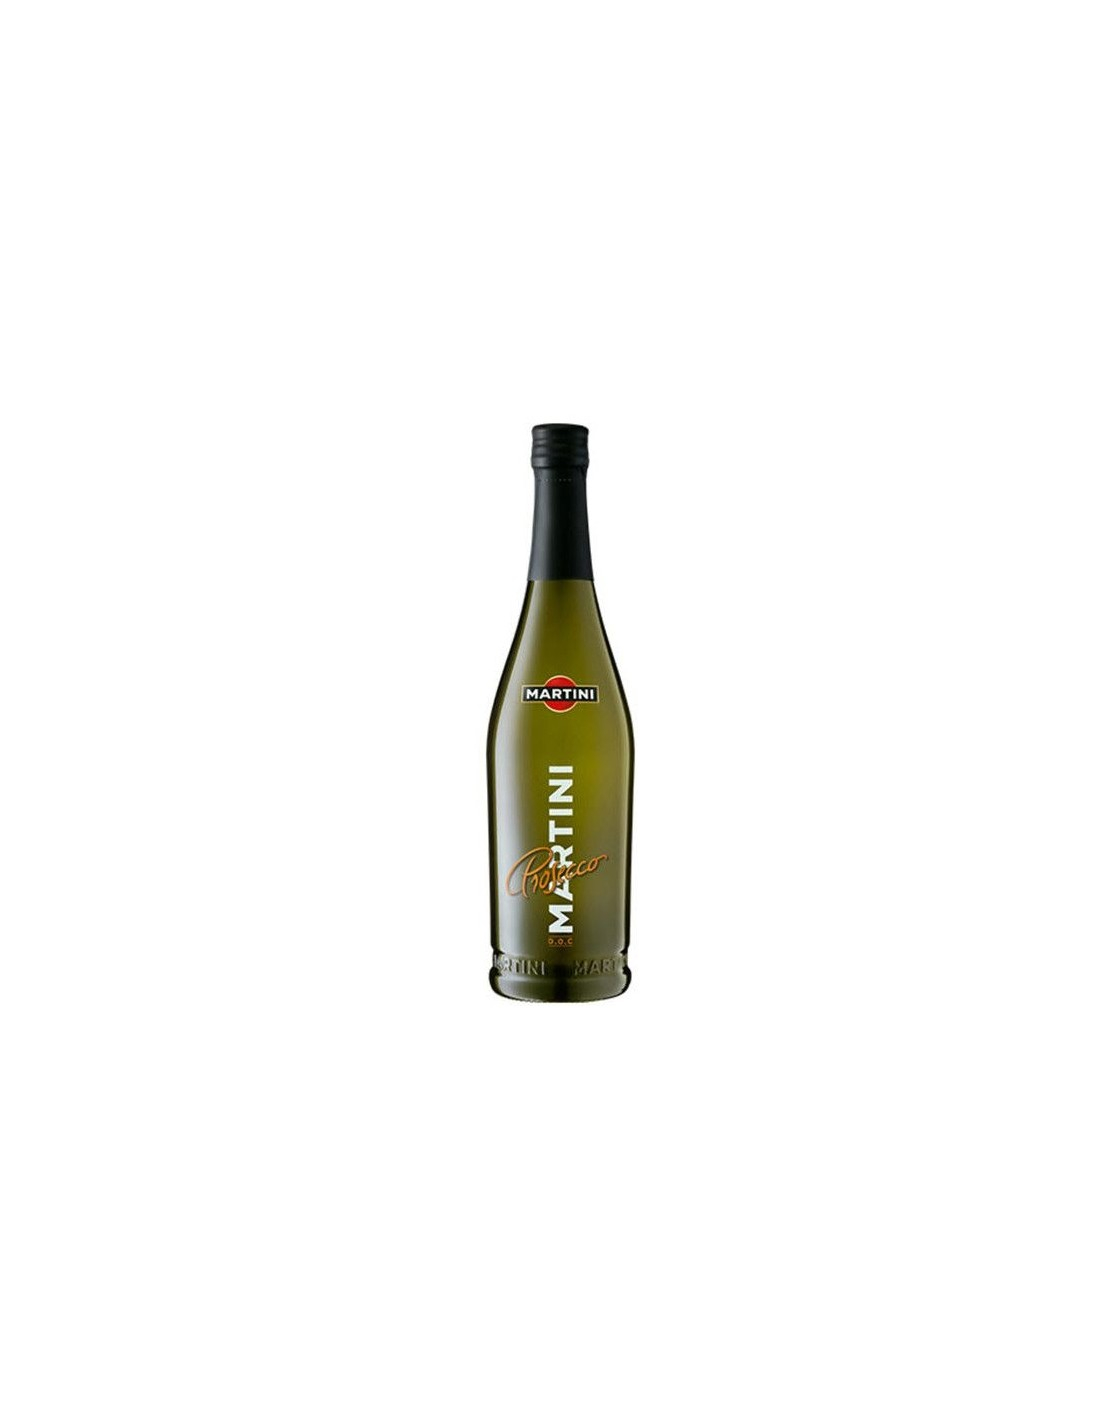 Vin spumos prosecco alb, Martini Veneto, 0.75L, 12.00% alc., Italia